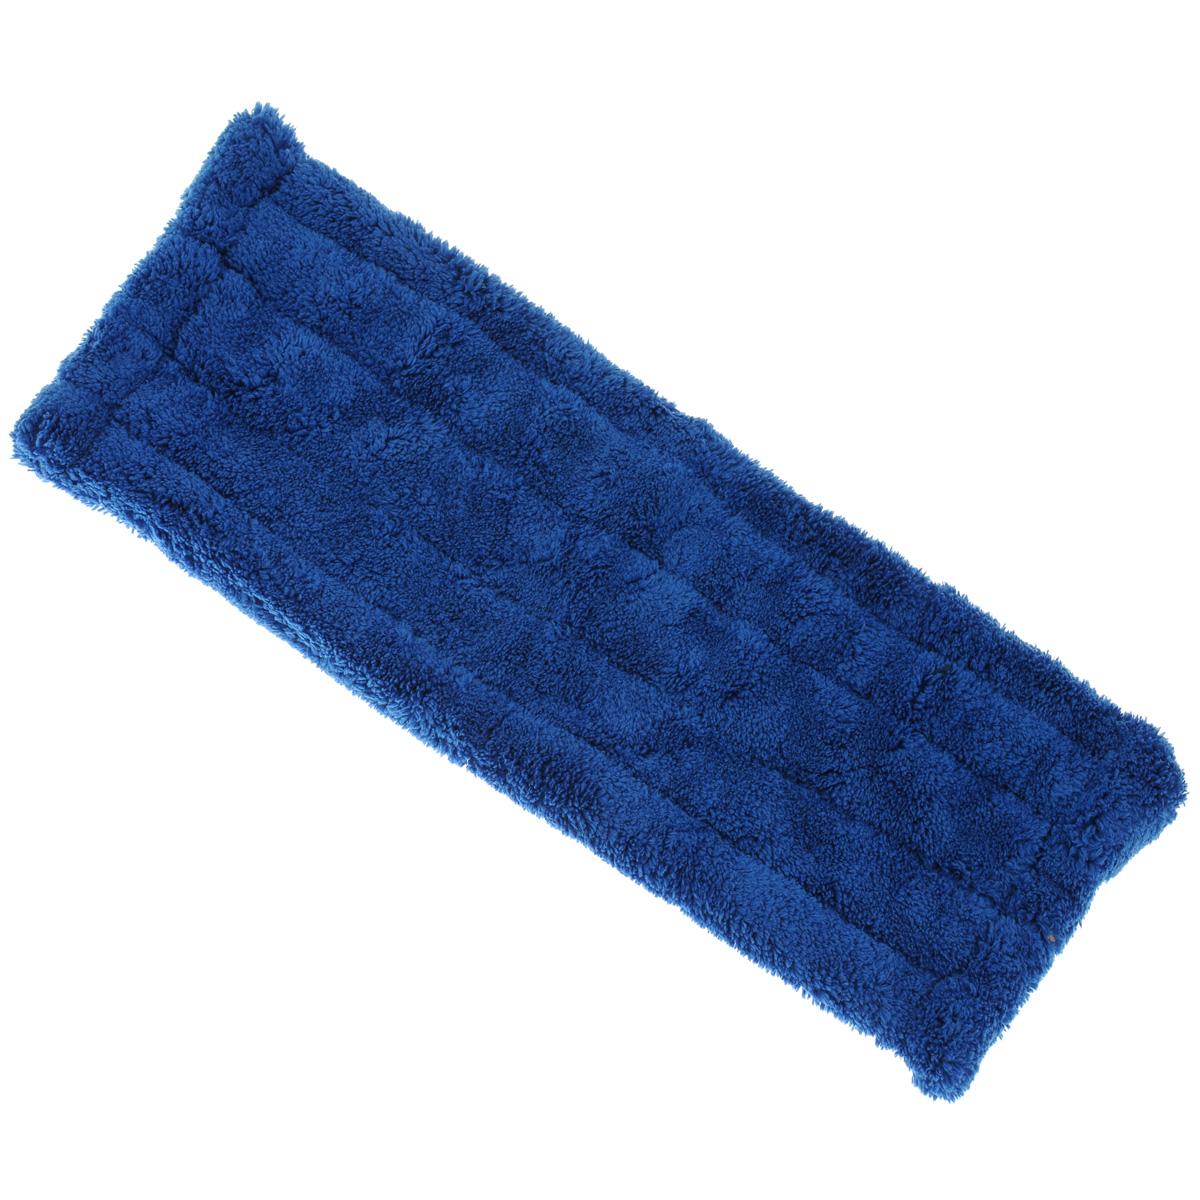 Насадка для швабры Home Queen MasterKlass-2, сменная, цвет: синий, длина 40 см50491Насадка для швабры Home Queen MasterKlass-2 изготовлена из микрофибры, обладающей уникальными абсорбирующими и очищающими свойствами. Насадка предназначена для сухой и влажной уборки помещений. Материал не царапает поверхности и отлично впитывает влагу. Насадка легко крепится к платформе посредством липучек. Сменная насадка для швабры Home Queen MasterKlass-2 станет незаменимой в хозяйстве.